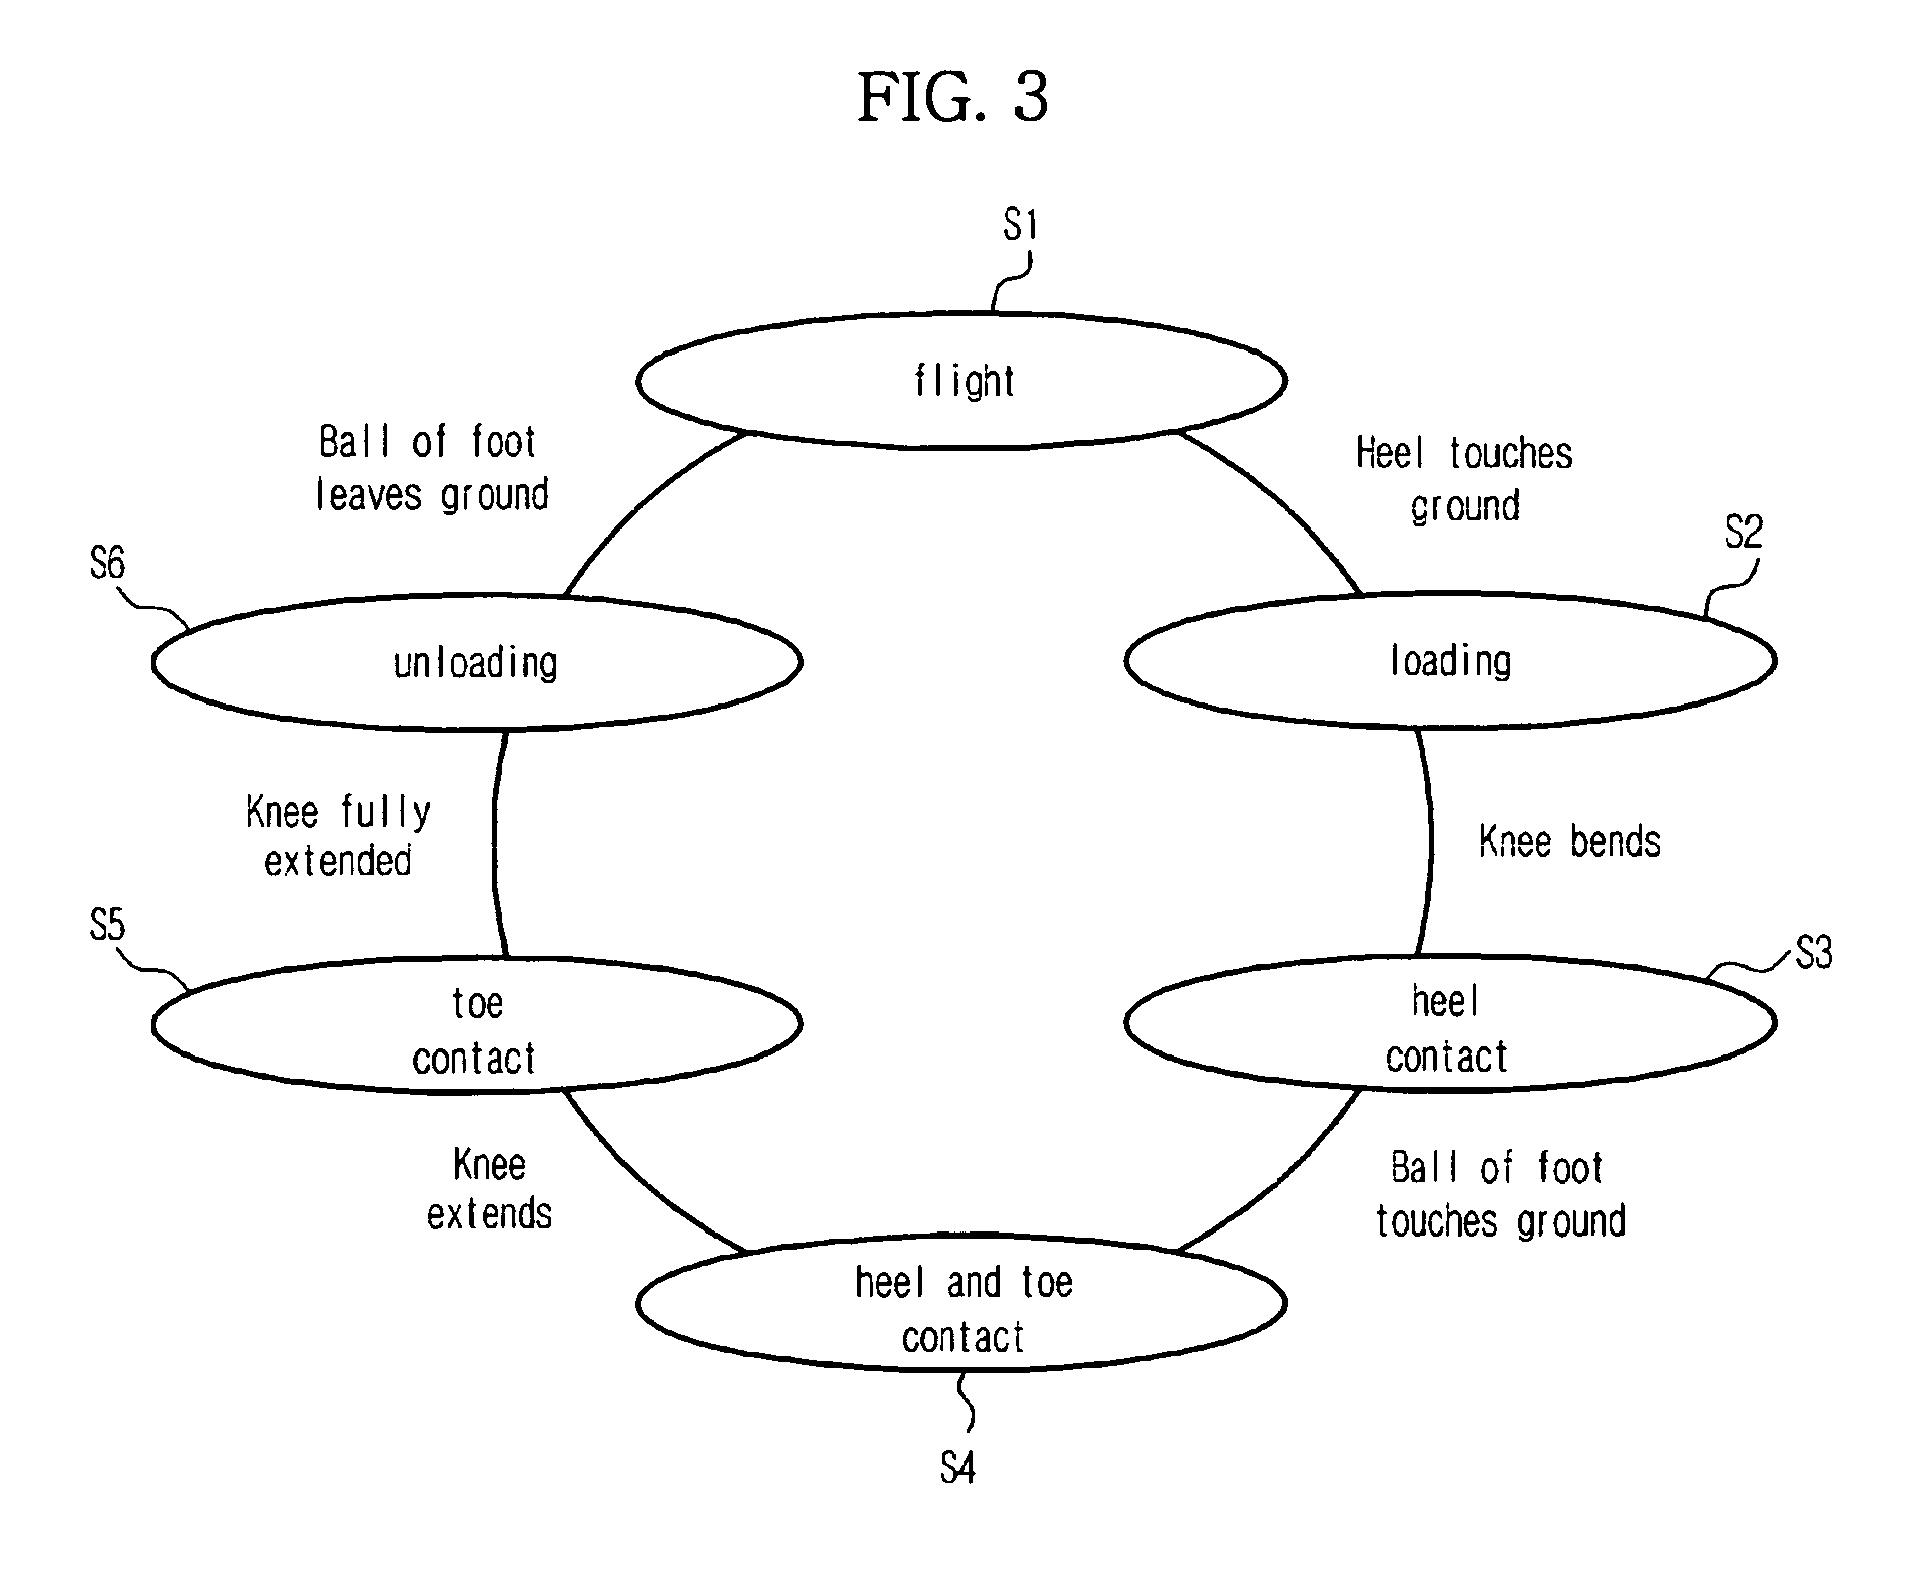 patent ep2347868b1 menschen hnlicher roboter und laufsteuerung daf r google patentsuche. Black Bedroom Furniture Sets. Home Design Ideas